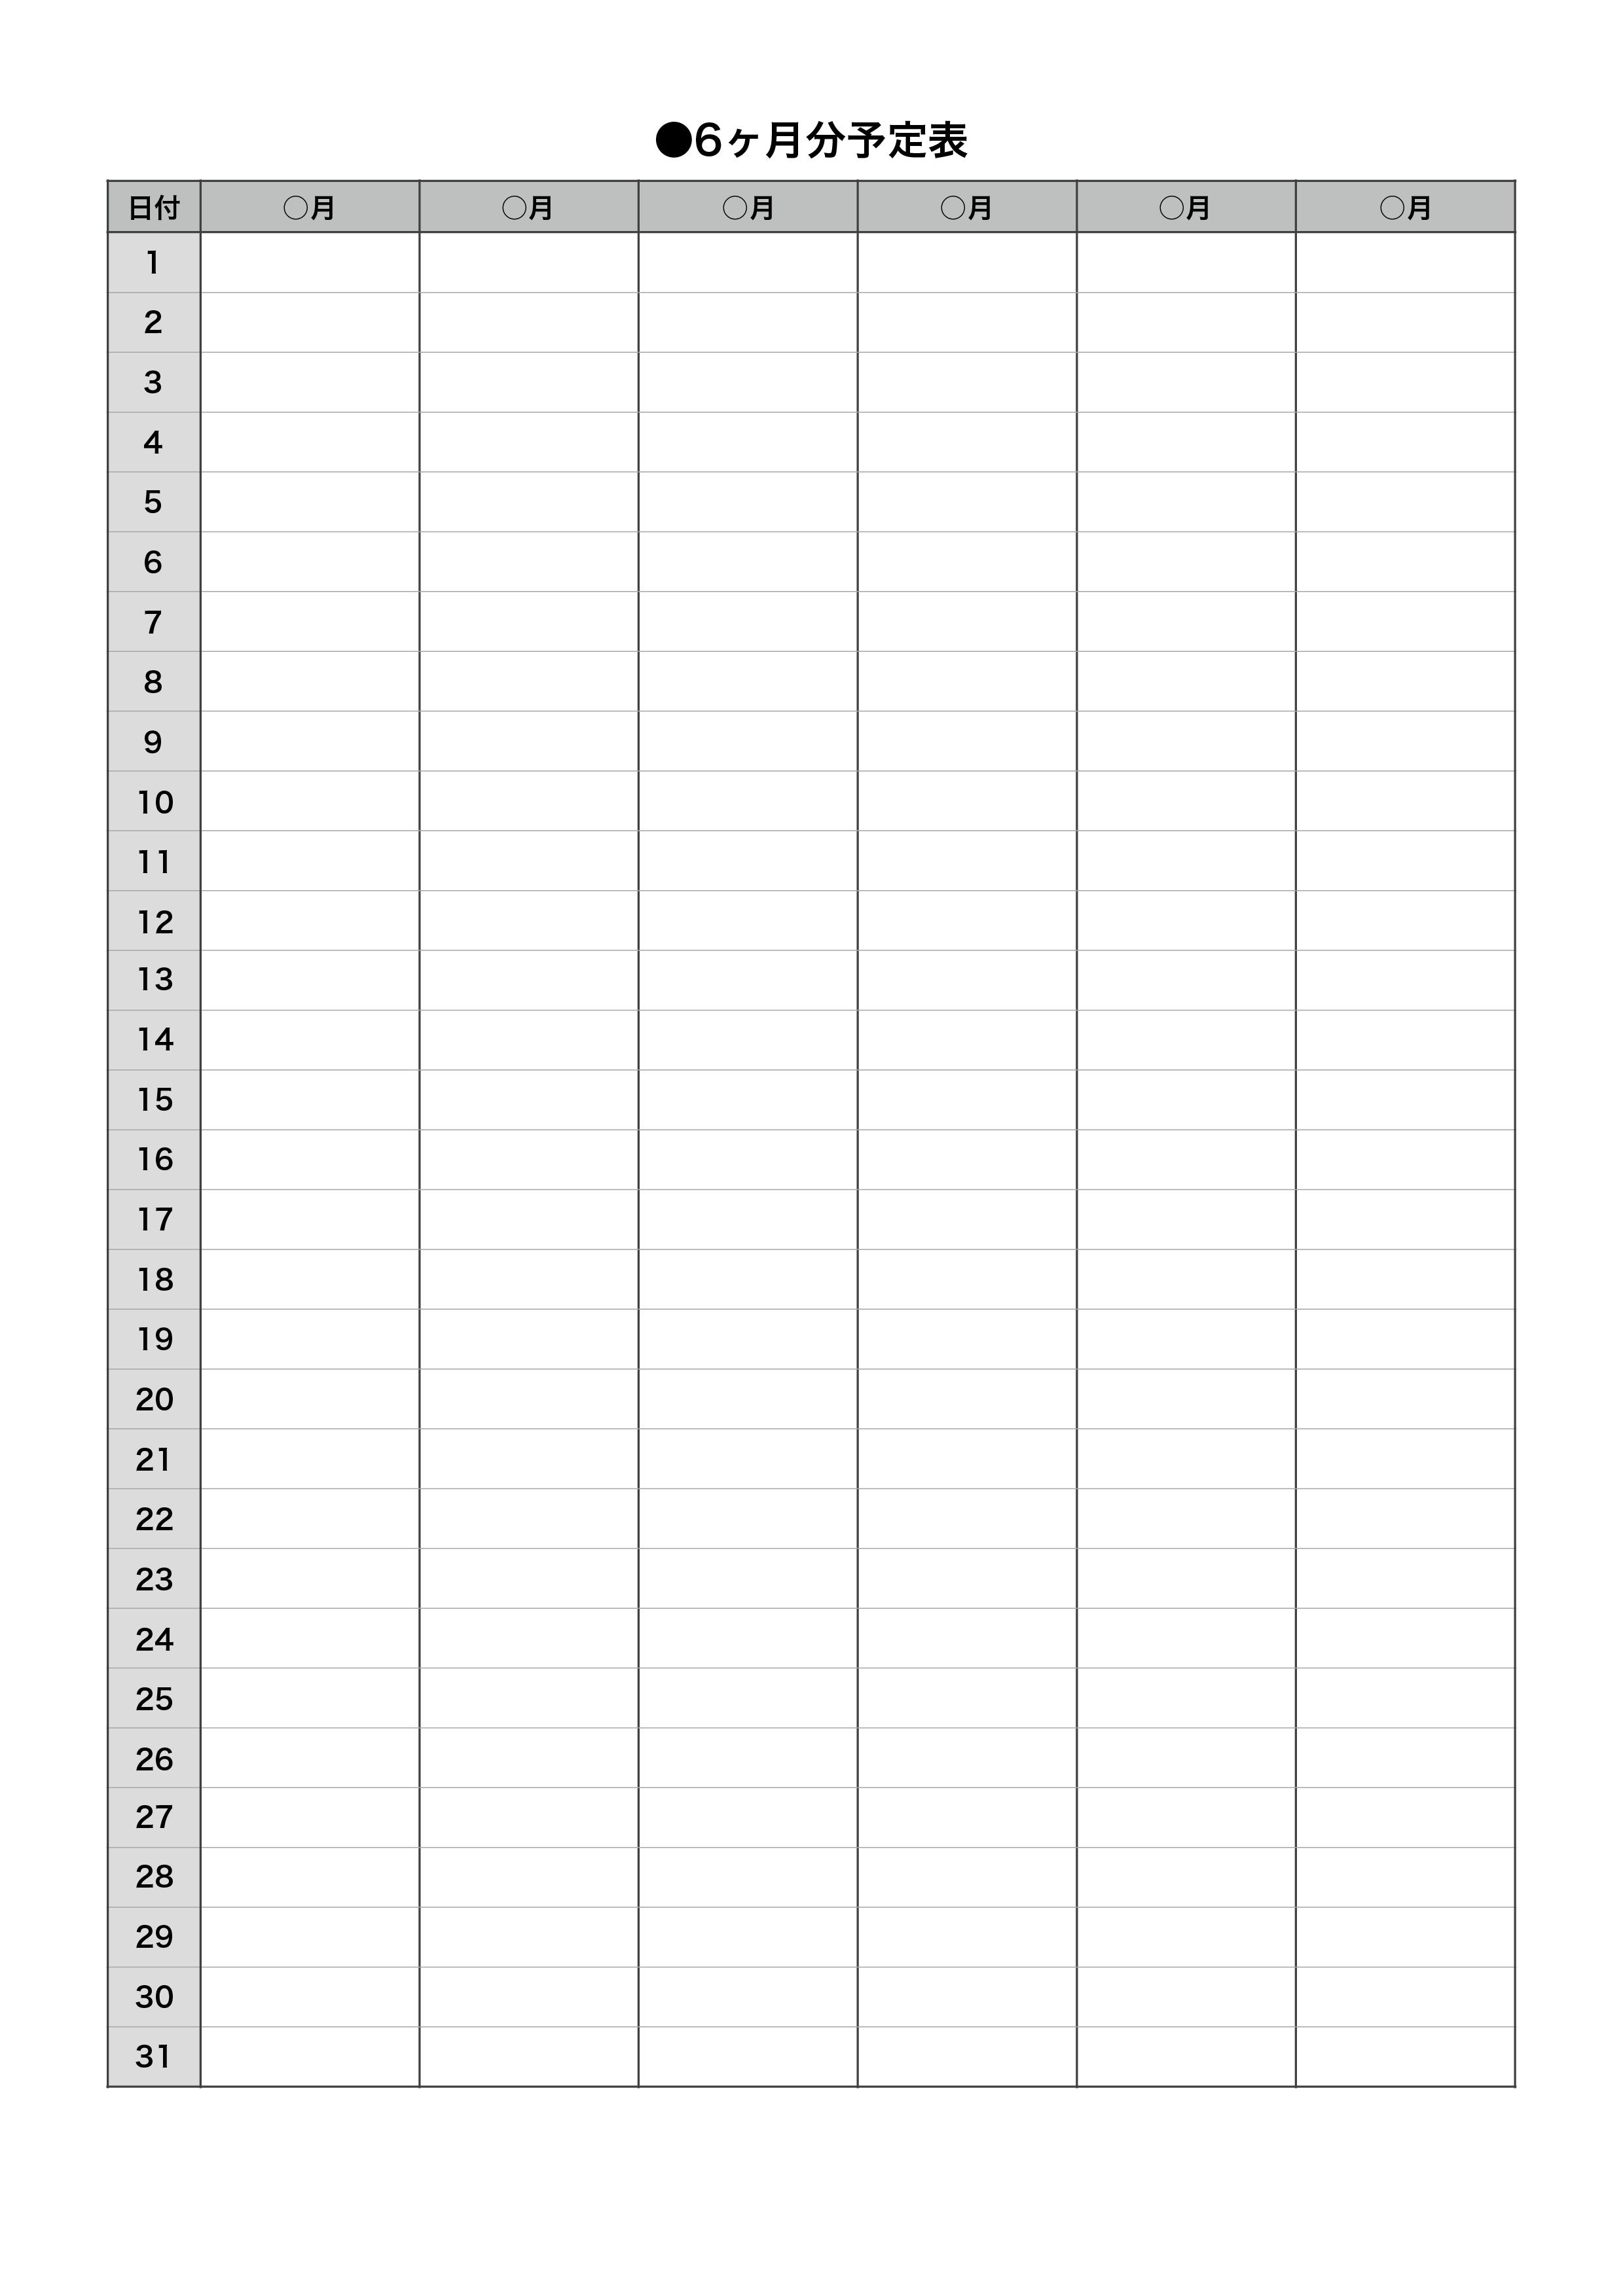 6ヶ月分の予定表のテンプレート(ワード、ページズ)シンプルグレー